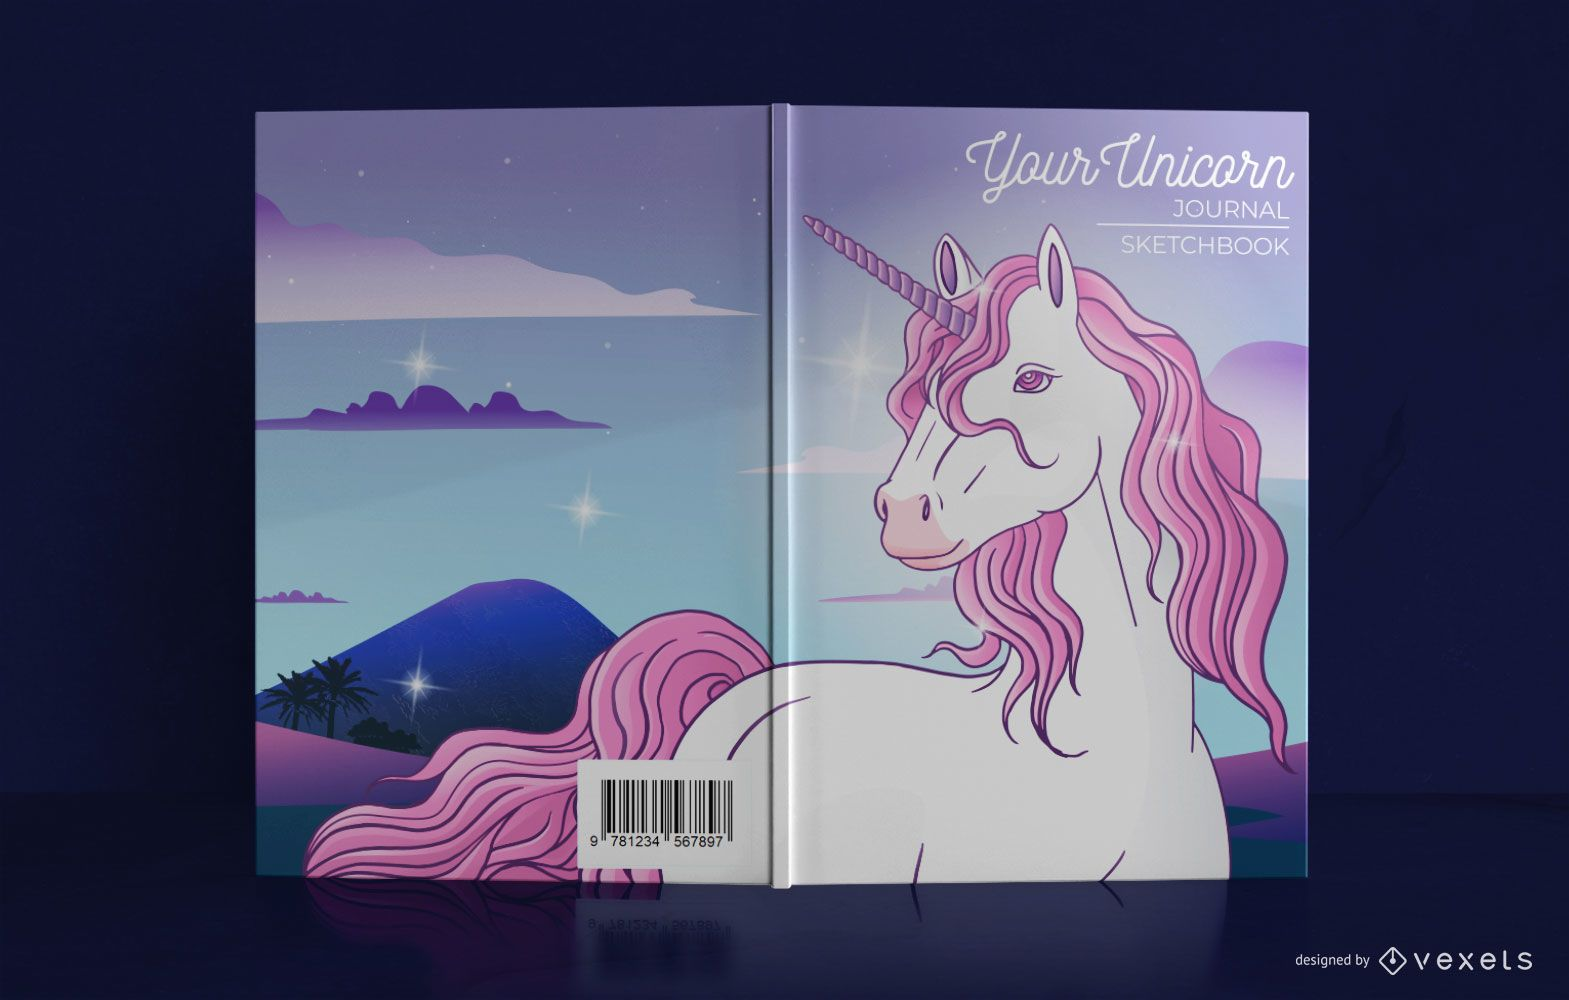 Illustriertes Einhorn-Journal-Buchumschlag-Design